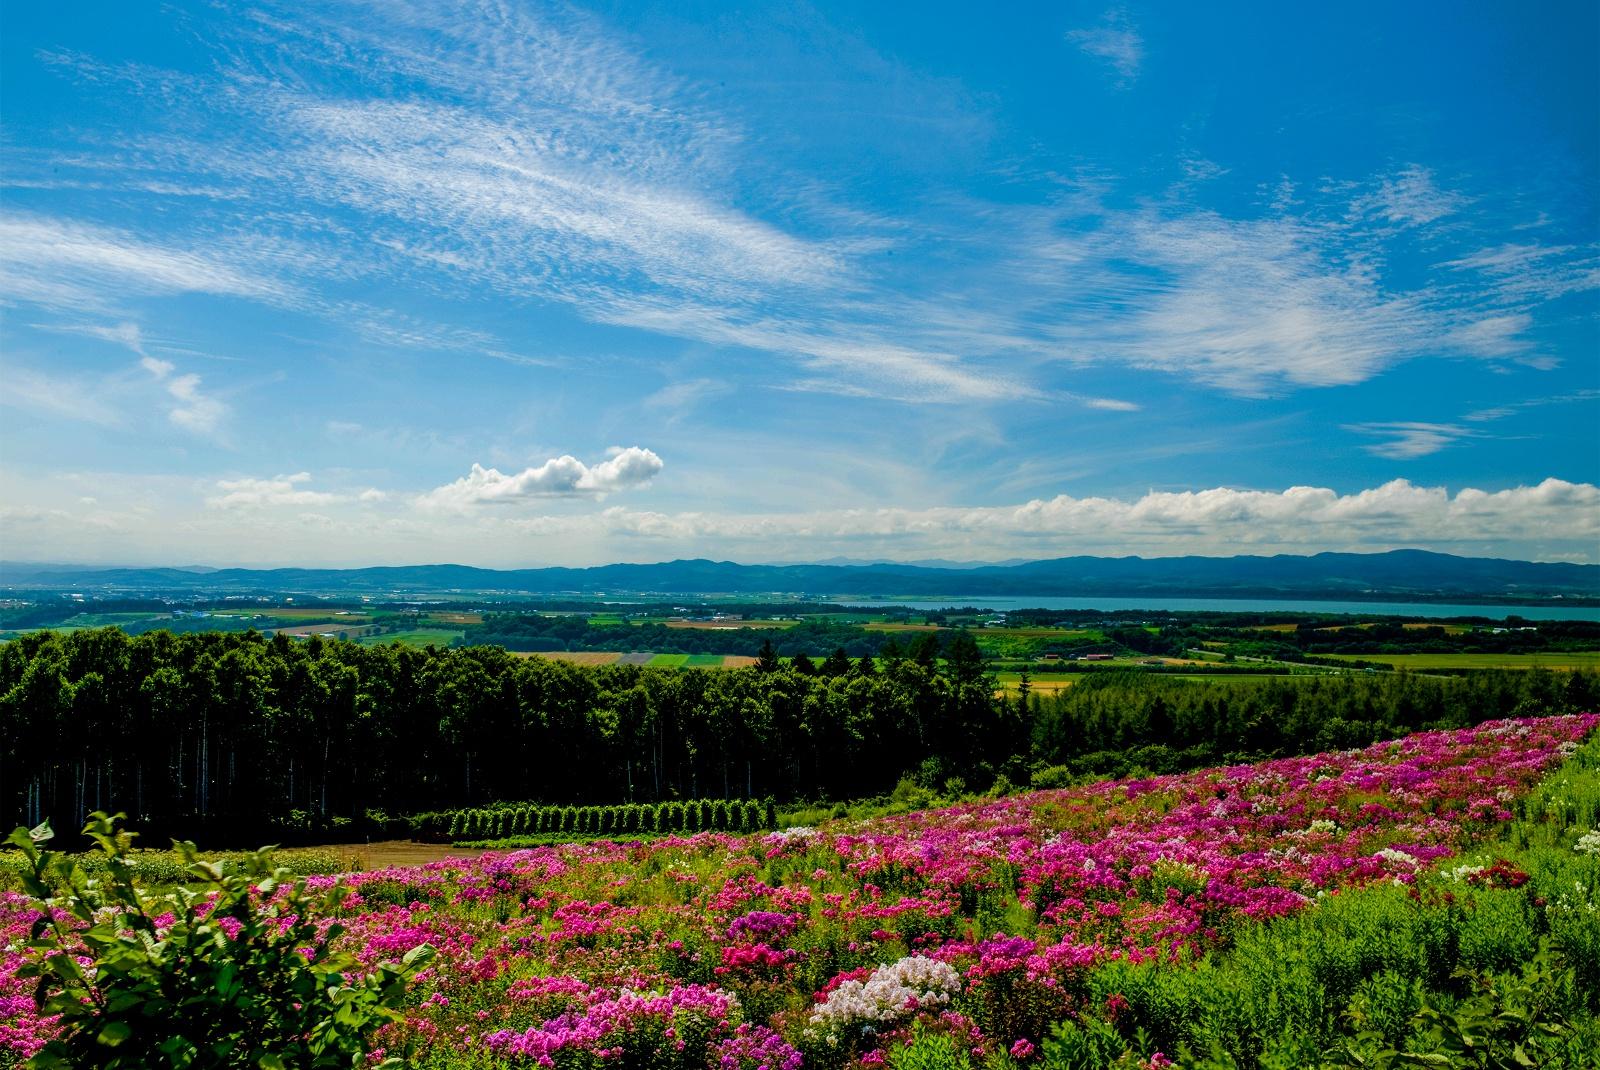 愛らしいピンクの花15万株が丘一面に!「あばしりフロックス公園」